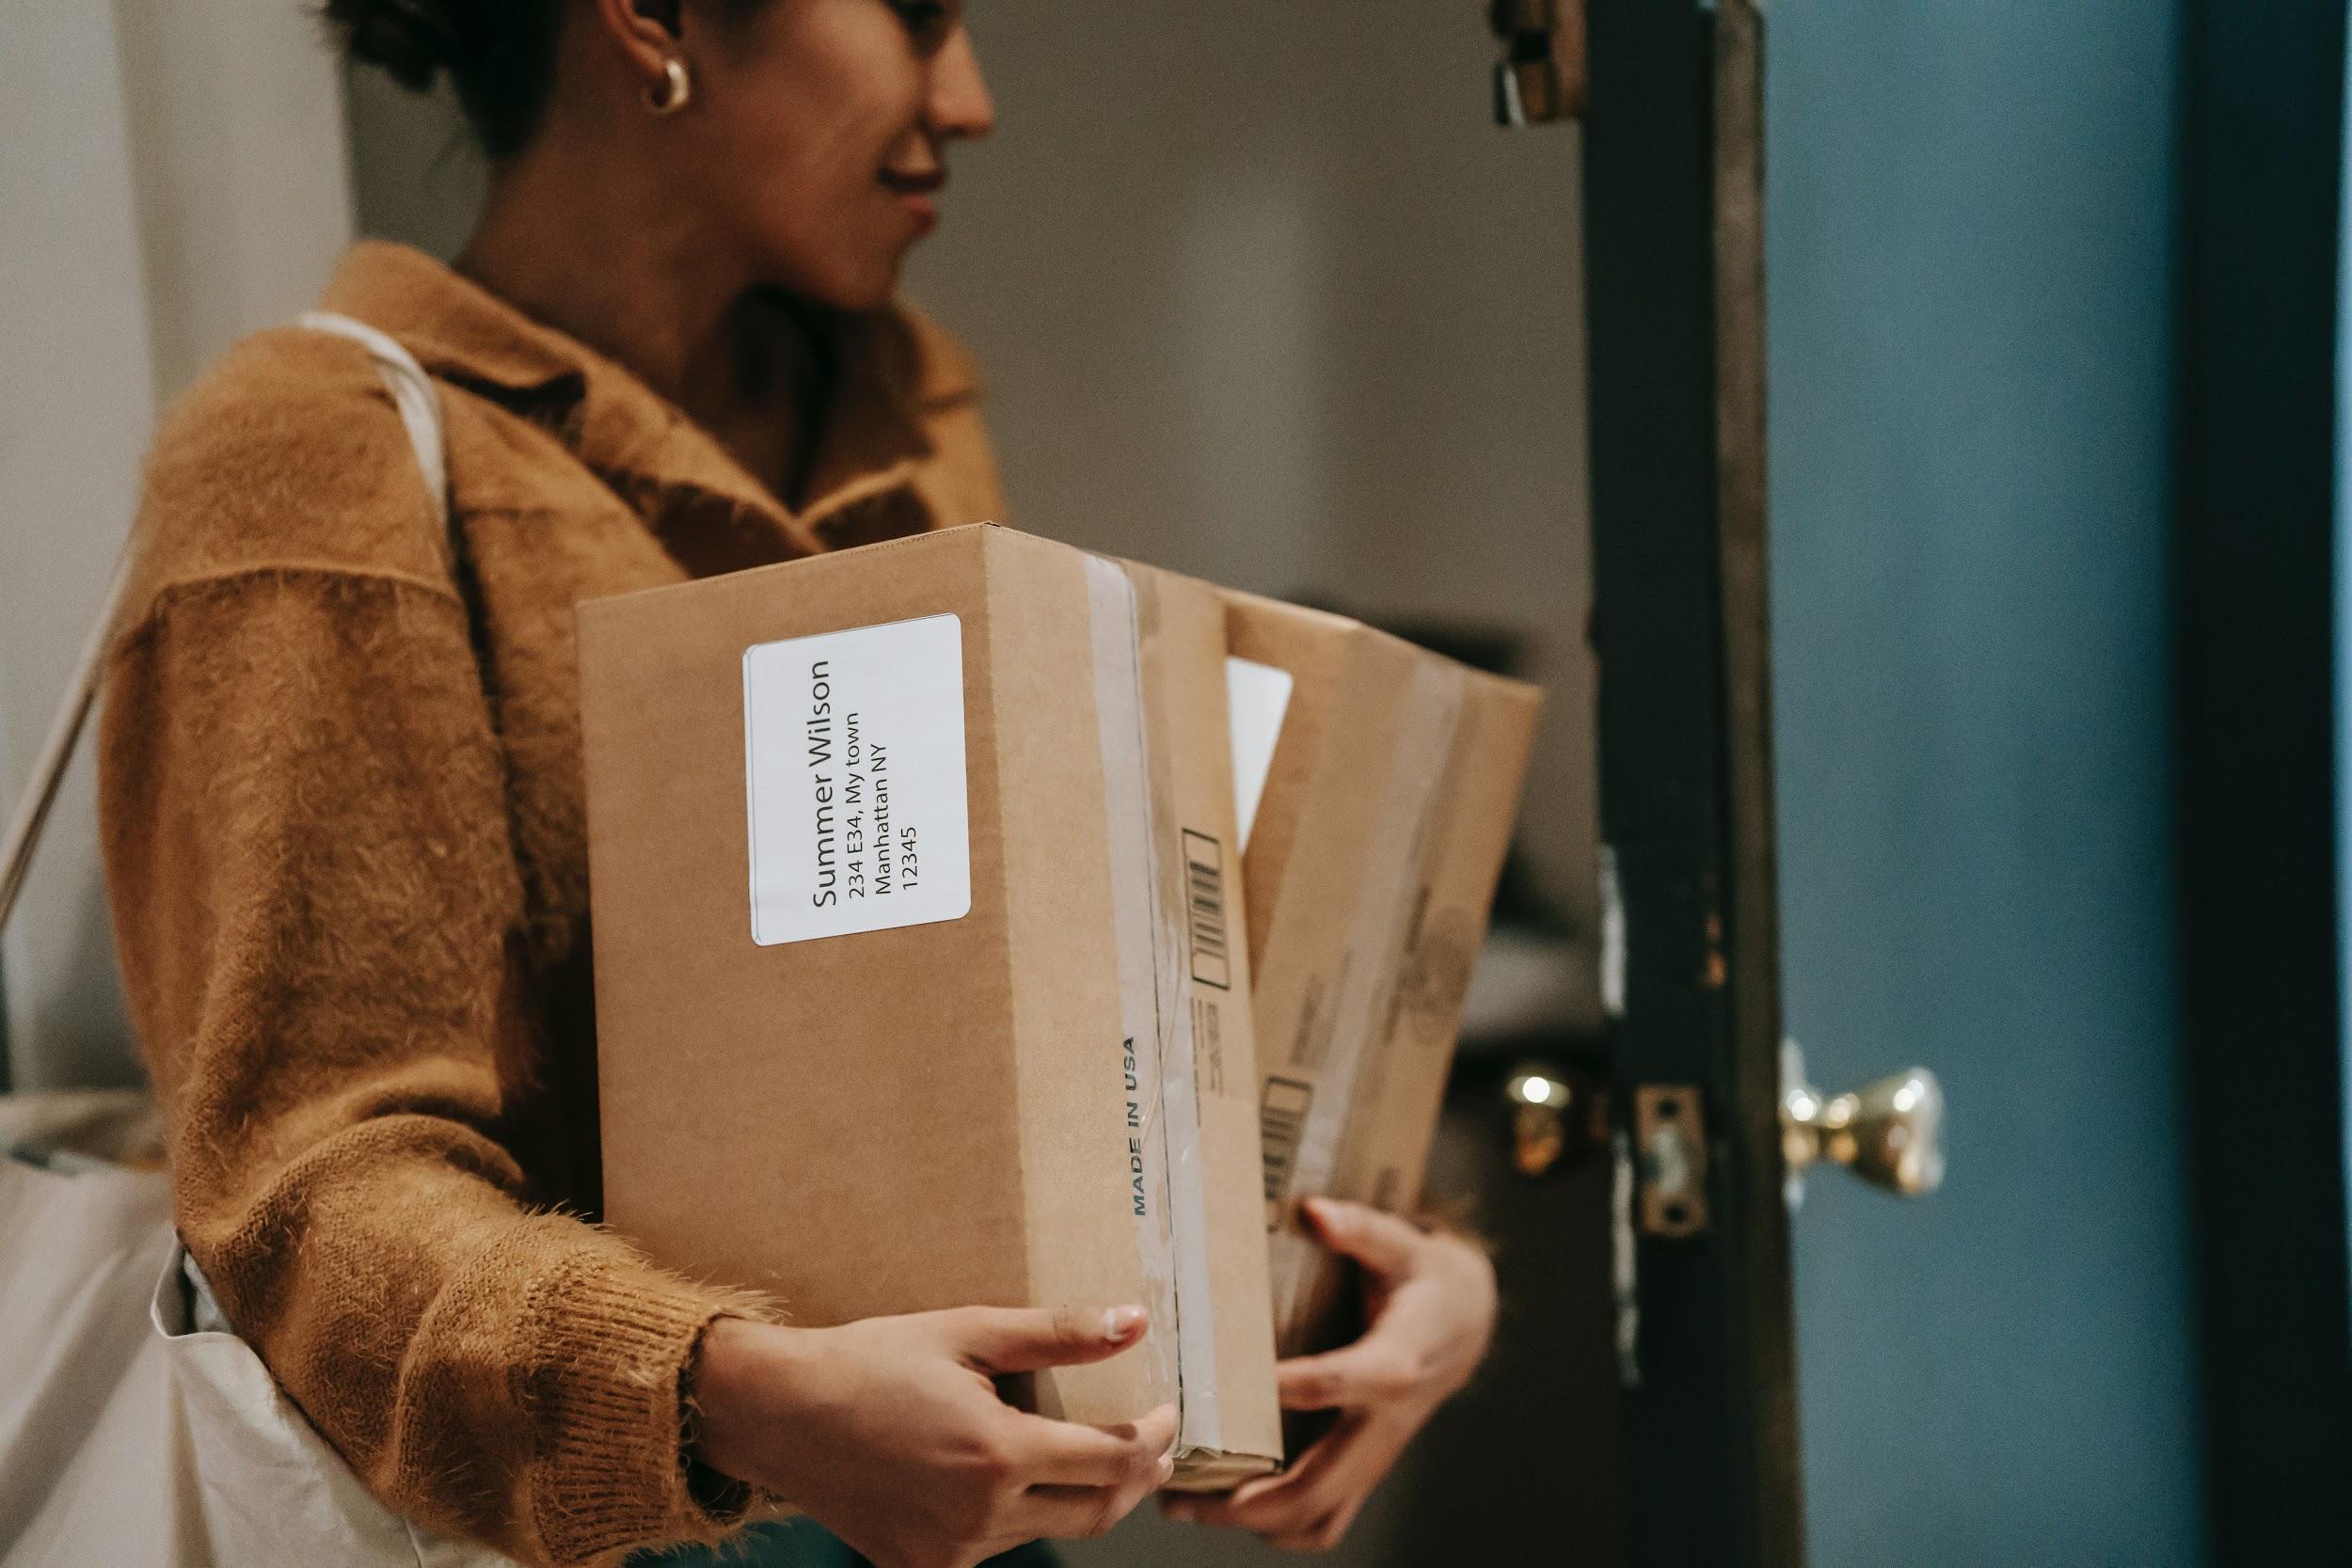 Descubra 13 segredos para poupar dinheiro nas compras online 4